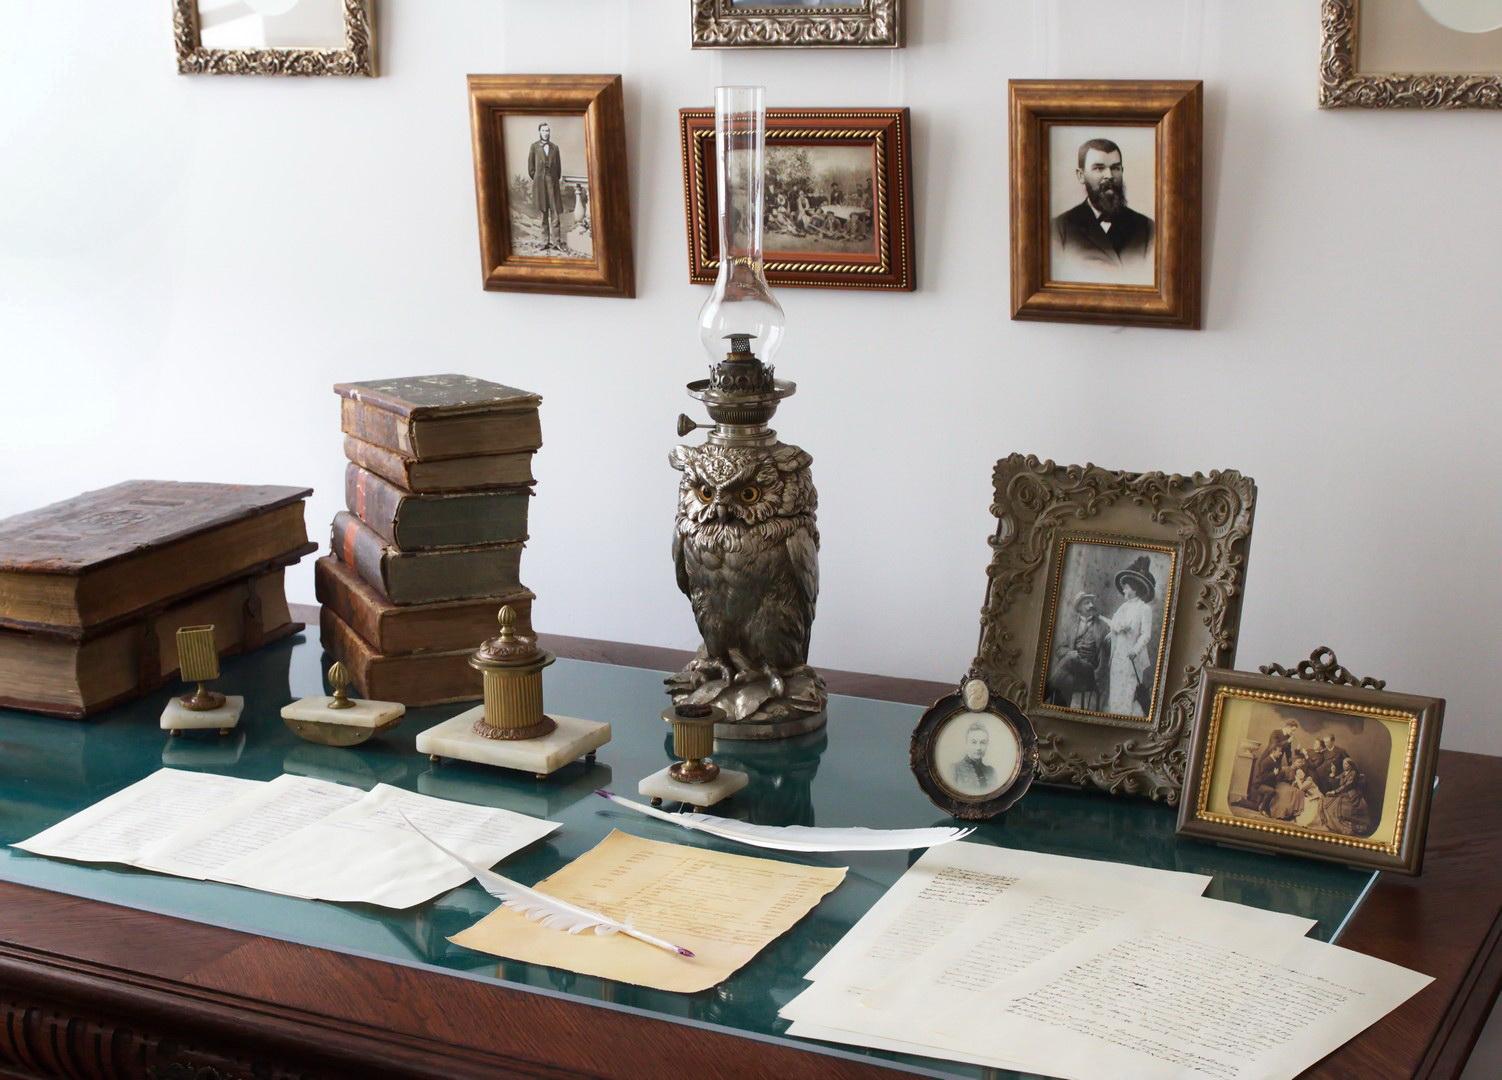 сеть интернет картинки литературного музея возможности следует фотографировать